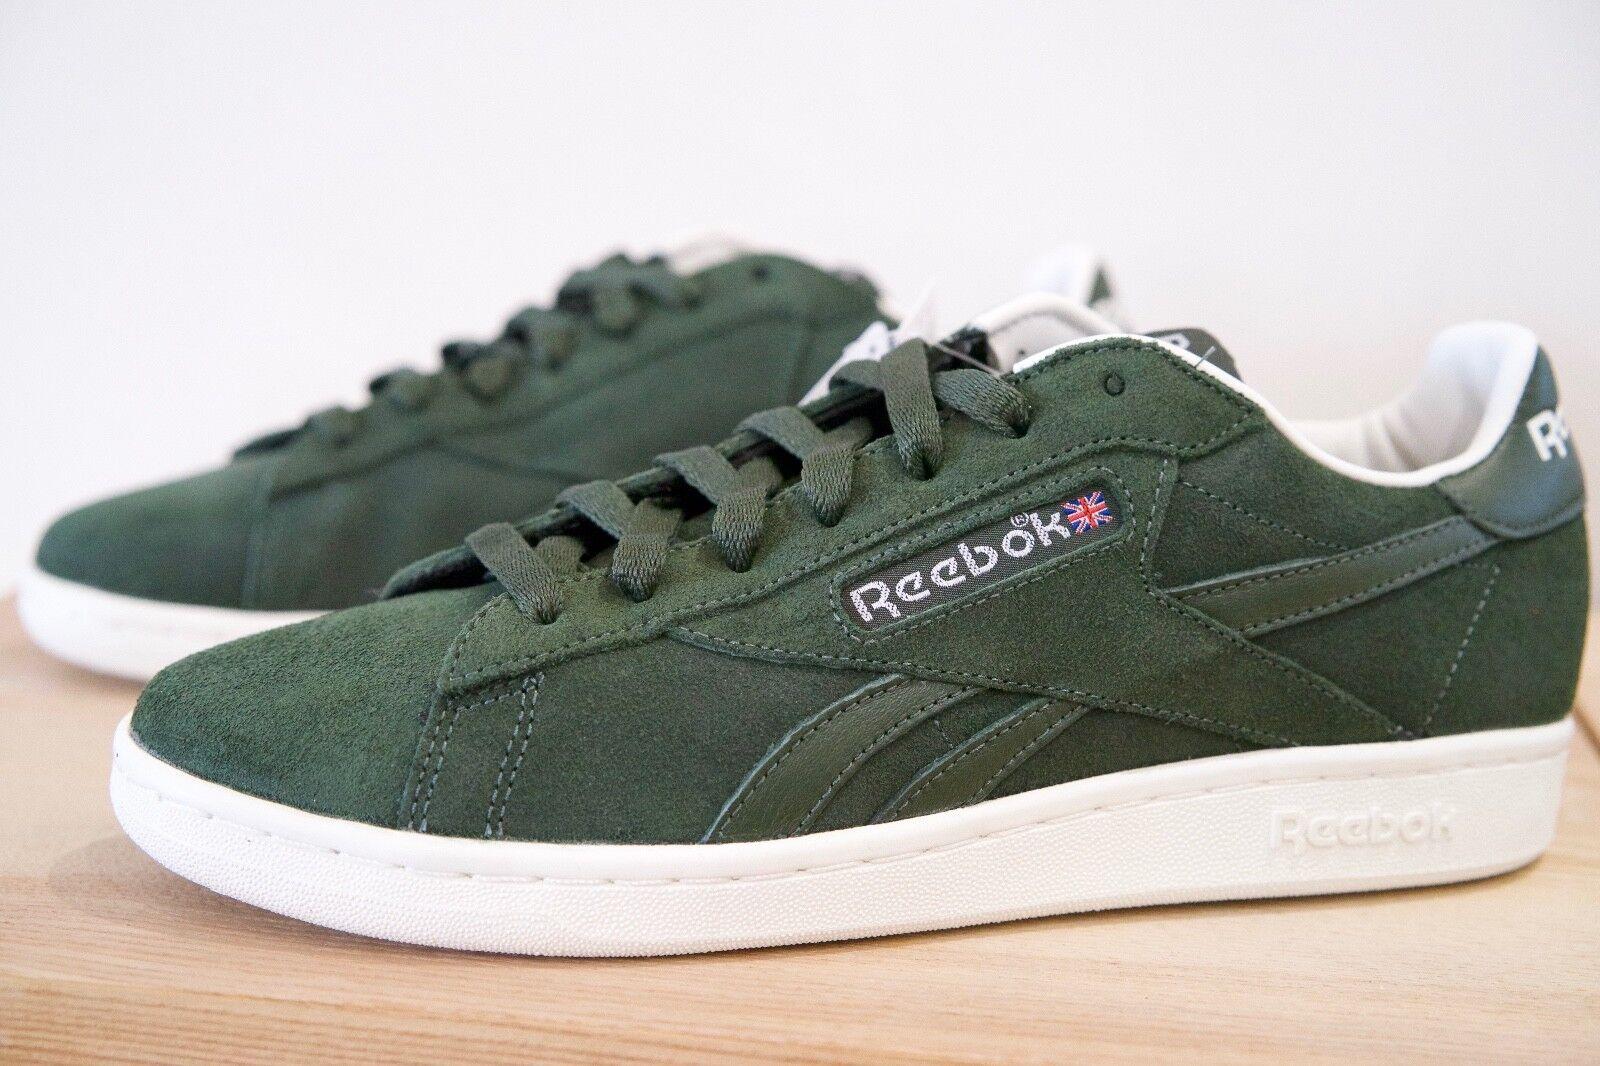 91f90c54 Reebok Classic NPC Unido os para Hombre Tenis Zapatos Tallas verde P47  Reino nsfzqp5170-Zapatillas deportivas